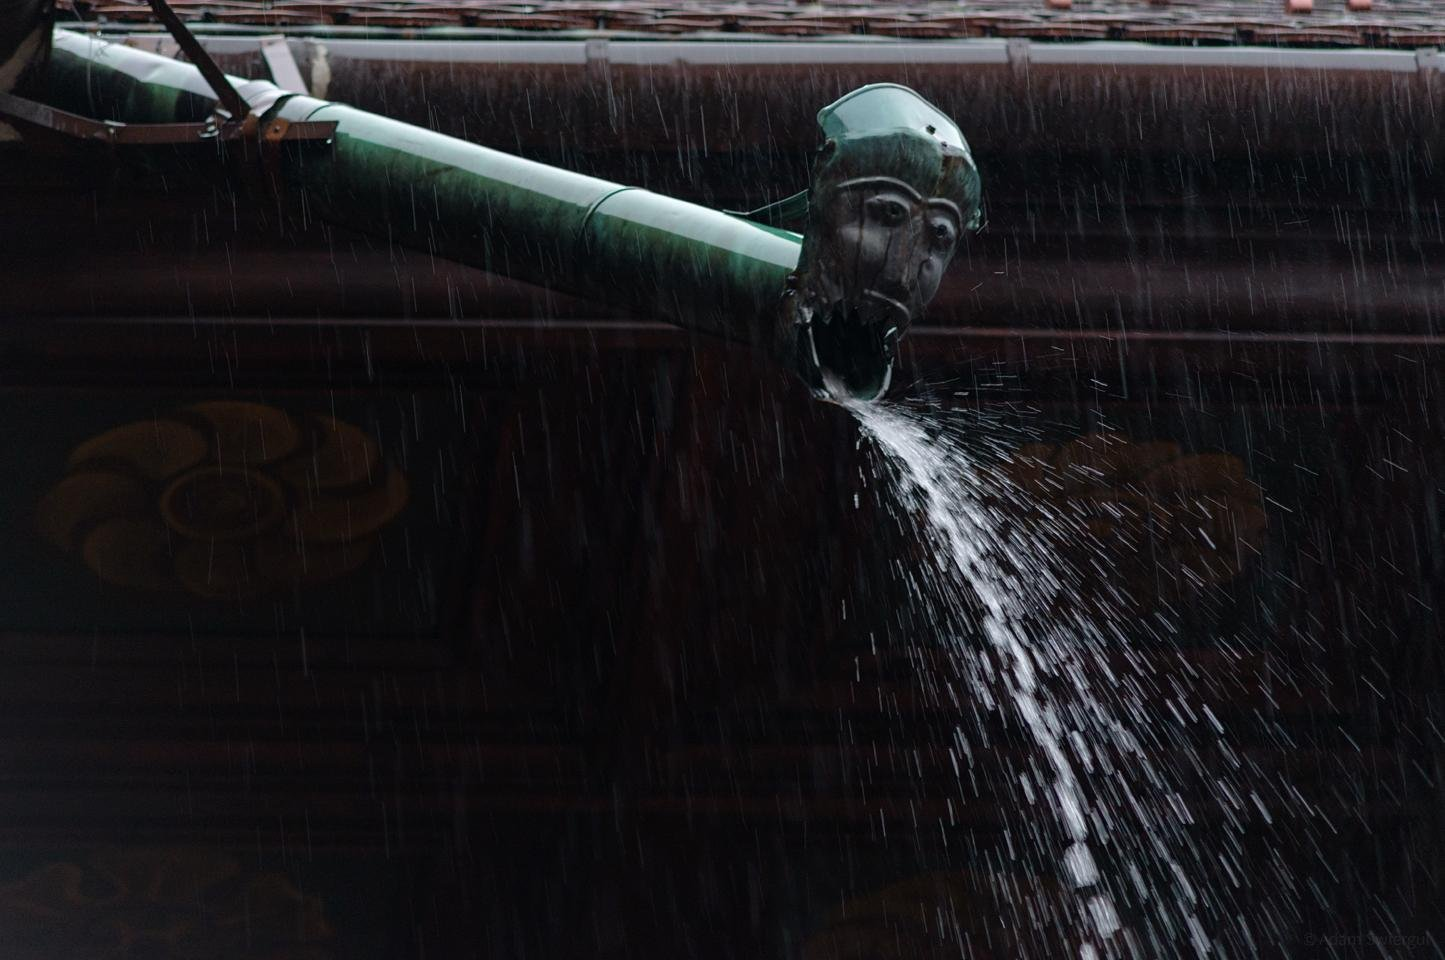 Rzygacz 2 podczas deszczu